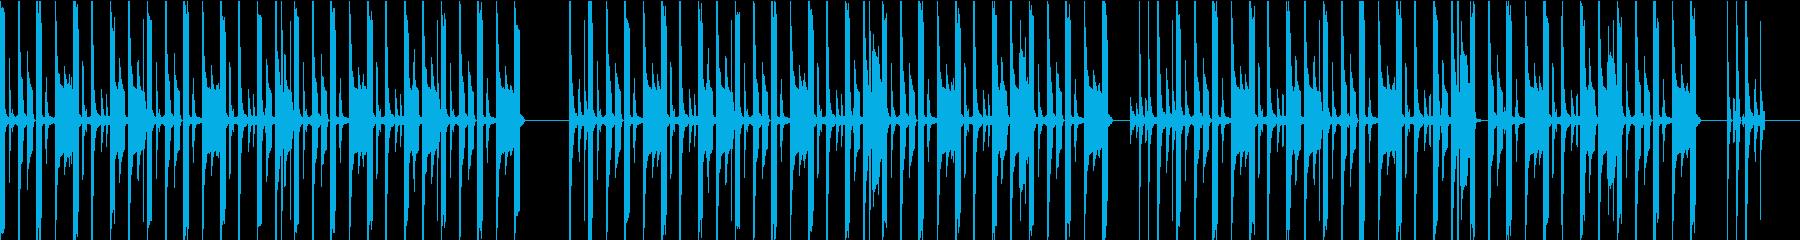 シンプルなリズムのchill hopの再生済みの波形